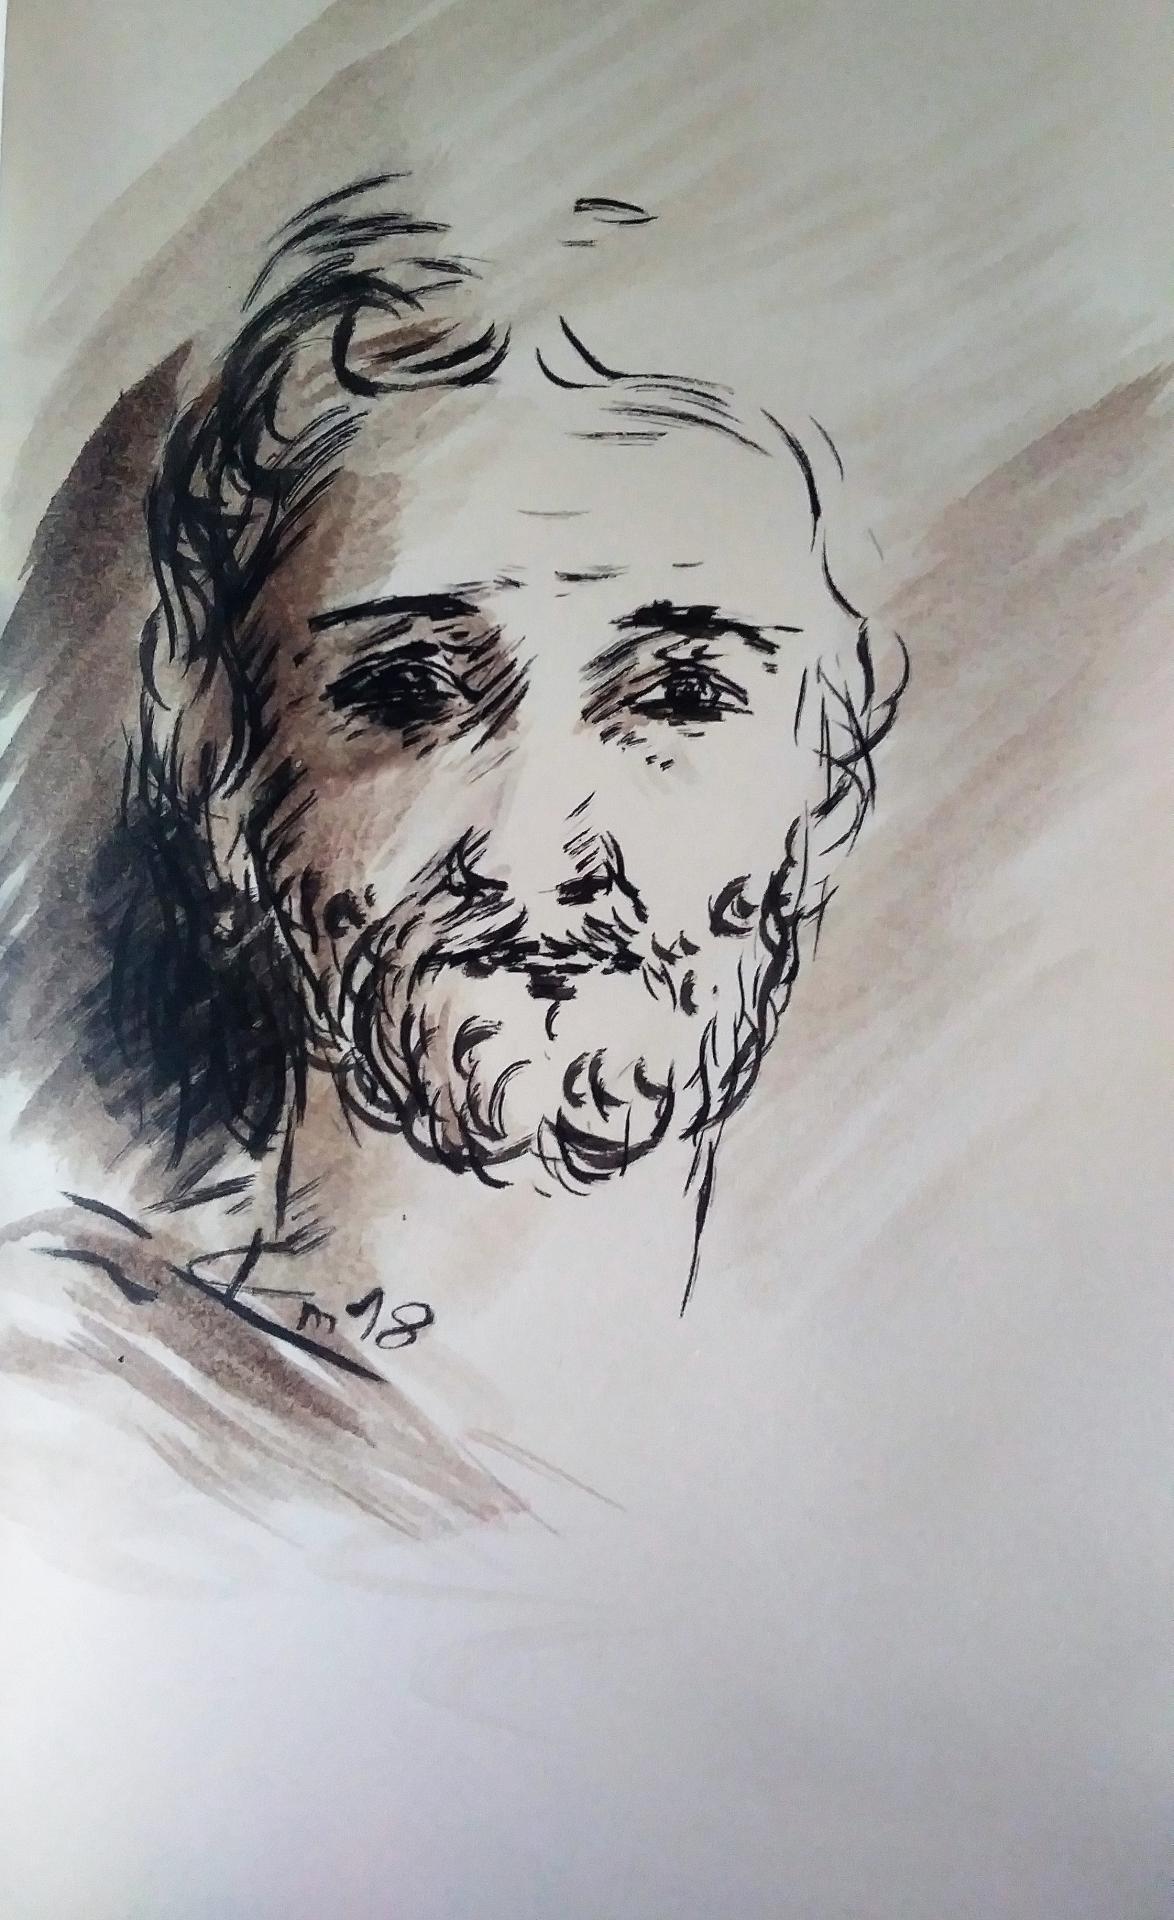 18 Mai 2018, évangile du jour illustré par un dessin au lavis